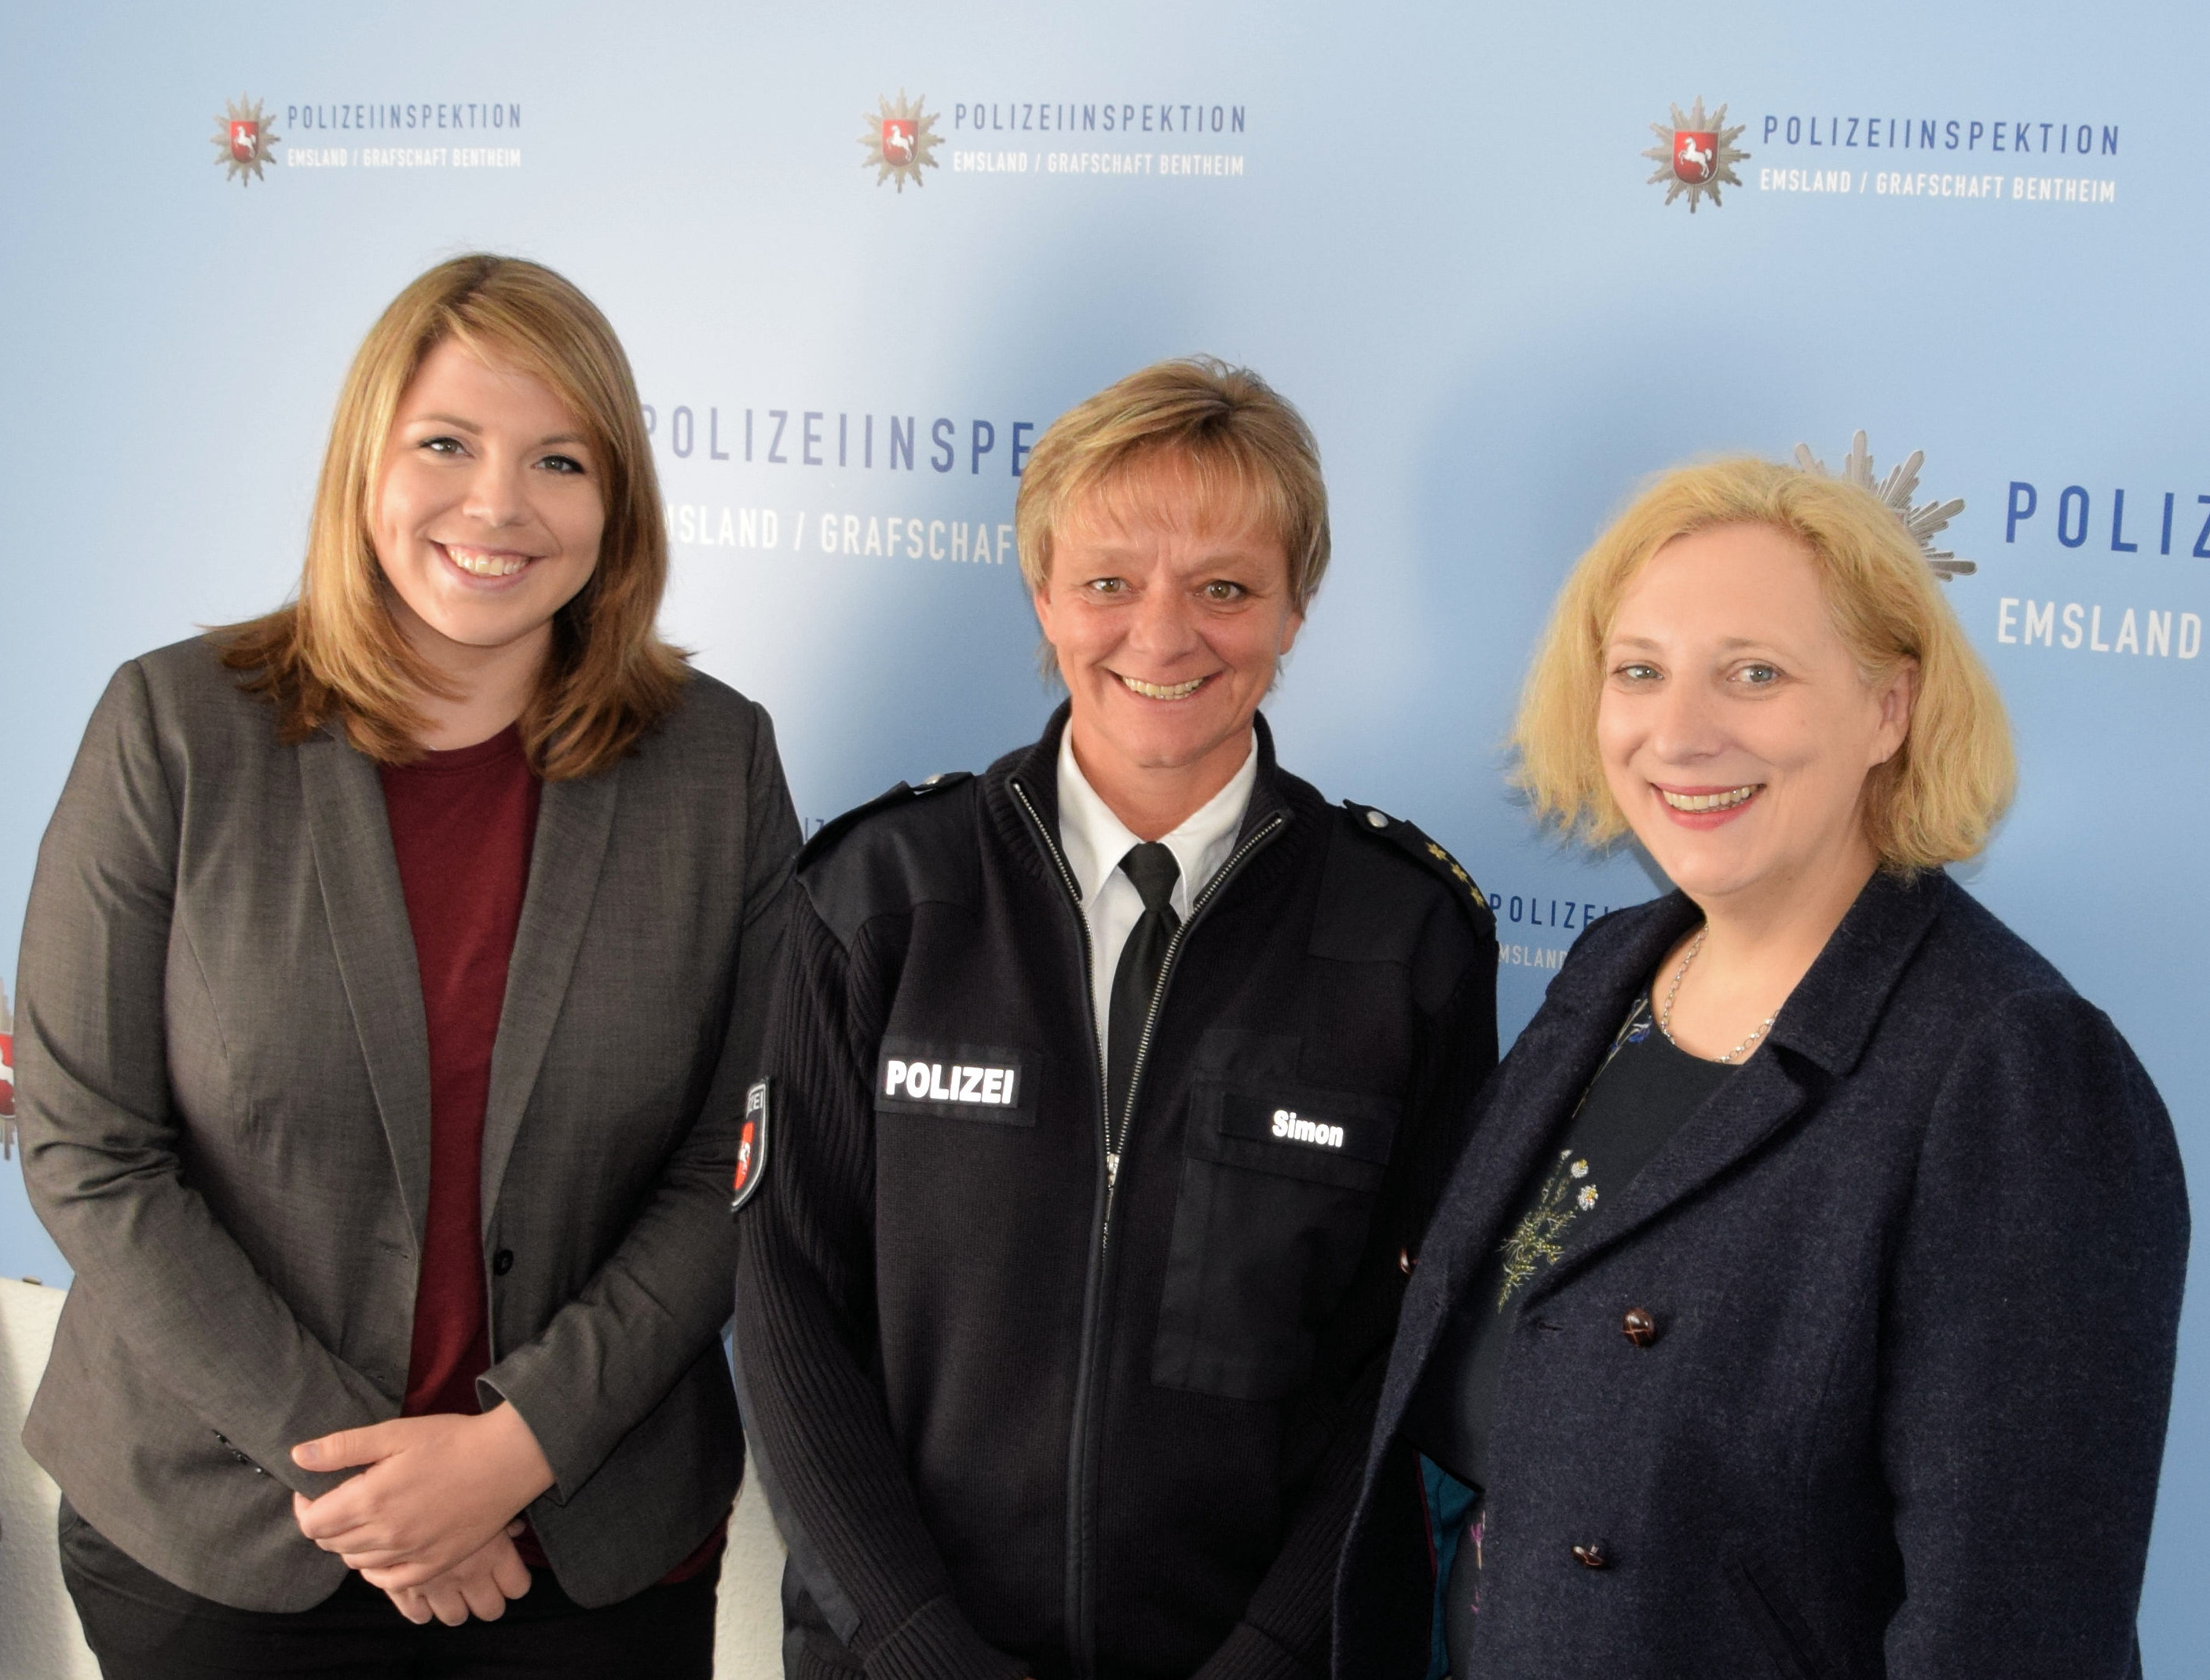 V.l.n.r.: Vanessa Gattung, Nicola Simon, Dr. Daniela De Ridder